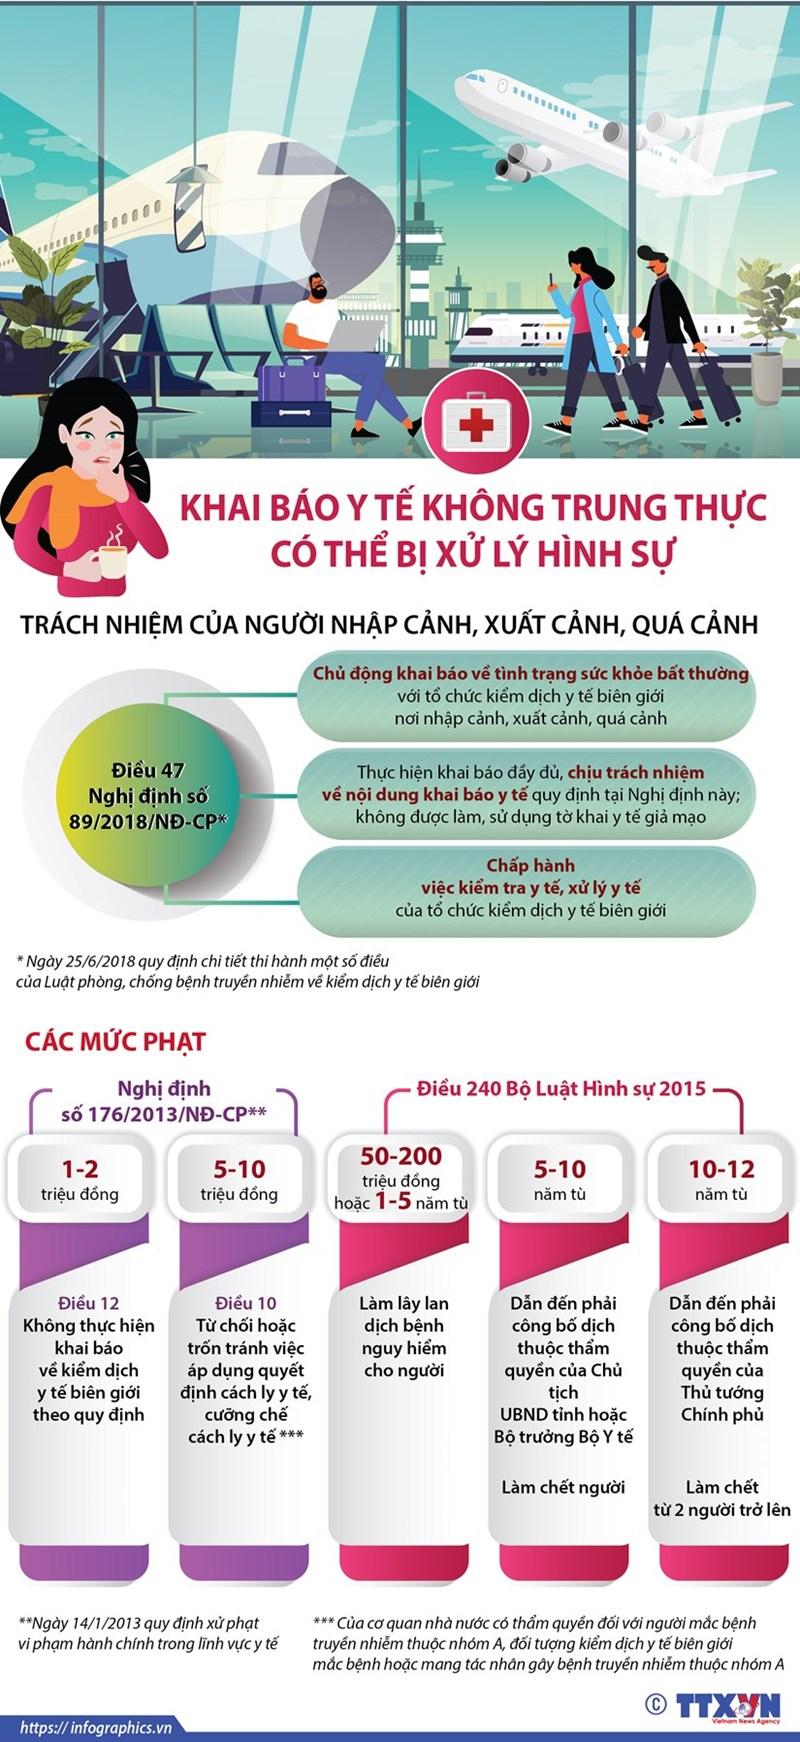 [Infographics] Khai báo y tế không trung thực có thể bị xử lý hình sự - Ảnh 1